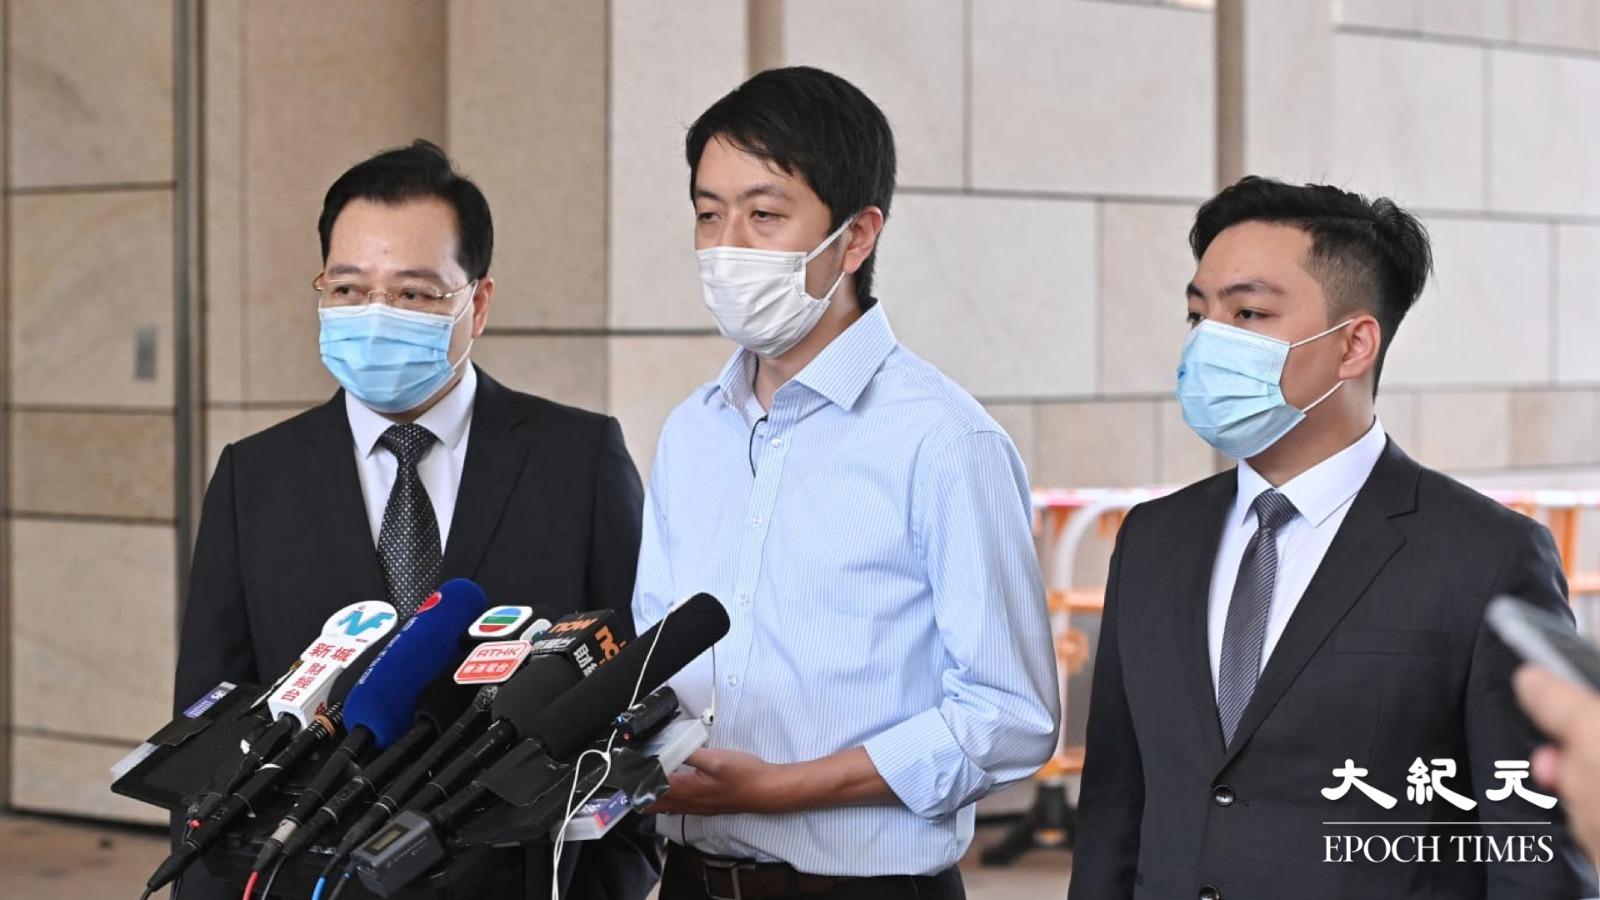 許智峯私人檢控的士撞人案,律政司介入法庭撤控。(宋碧龍/大紀元)